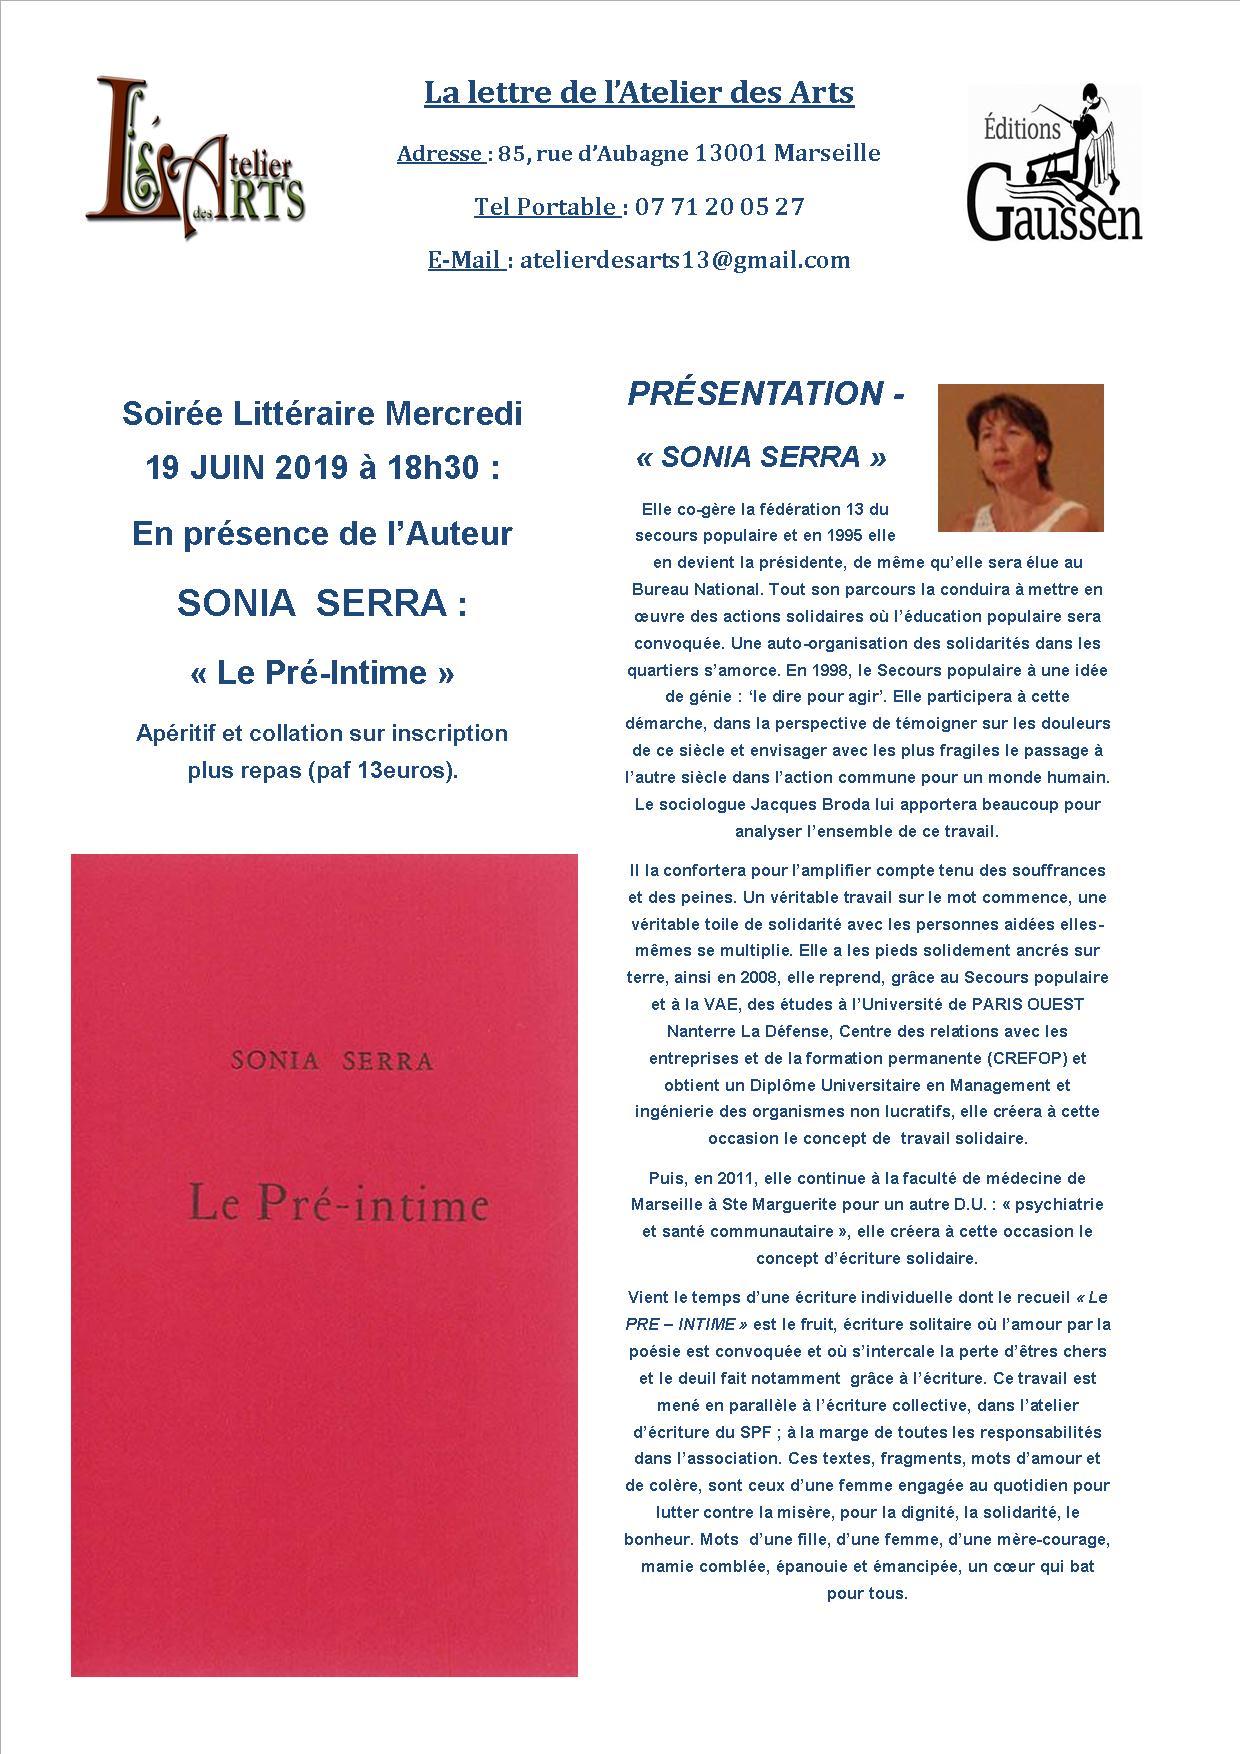 (2) Soirée littéraire «Le Pré-intime» le 19 juin à la galerie de l'Atelier des ARTS en présence de «l'Autrice» Sonia SERRA